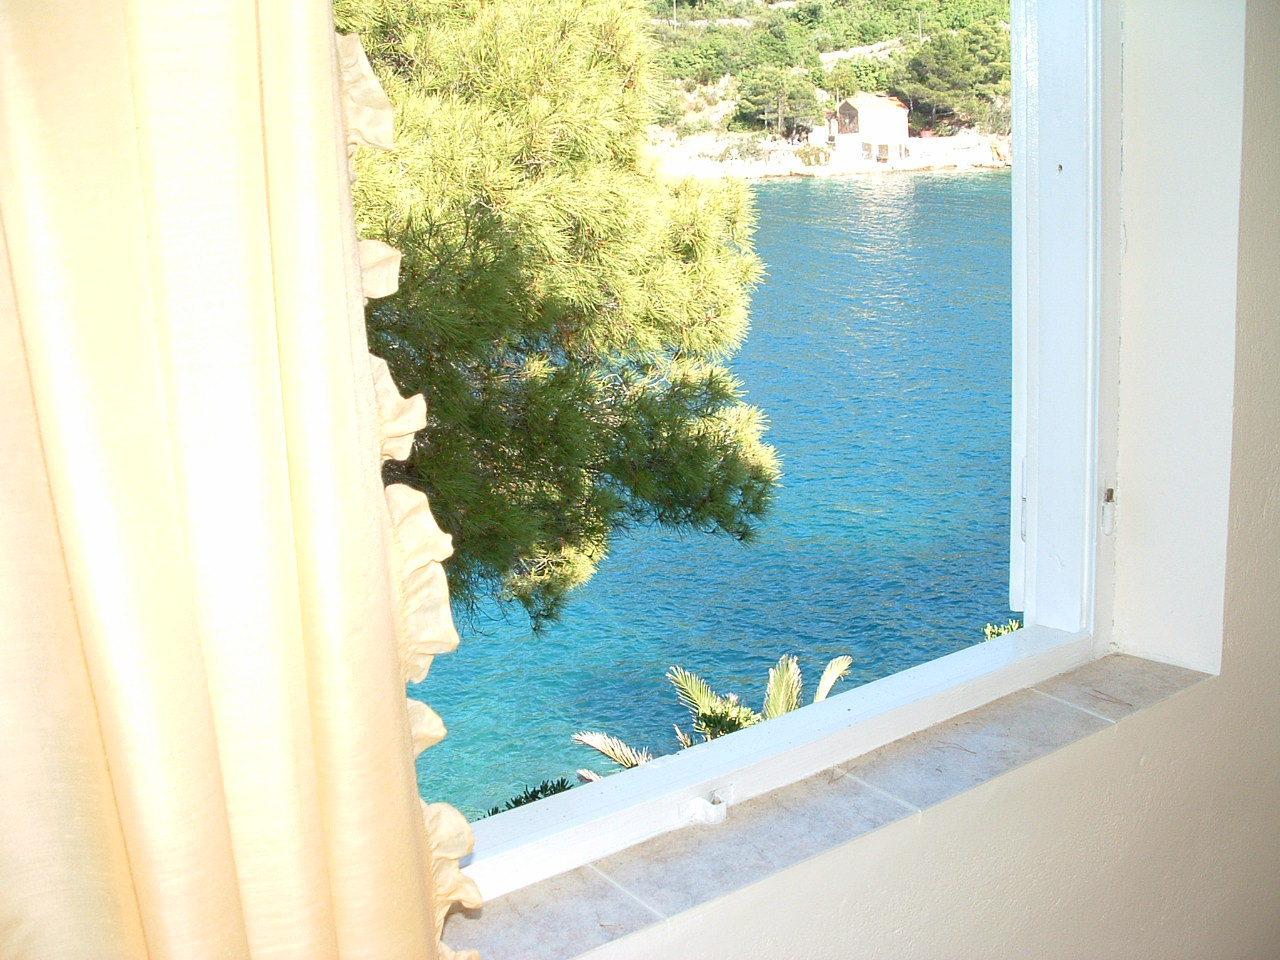 00104USTO  - Baia Stoncica (Vis) - Case vacanze, ville Croazia - H(4): lo sguardo dalla finestra